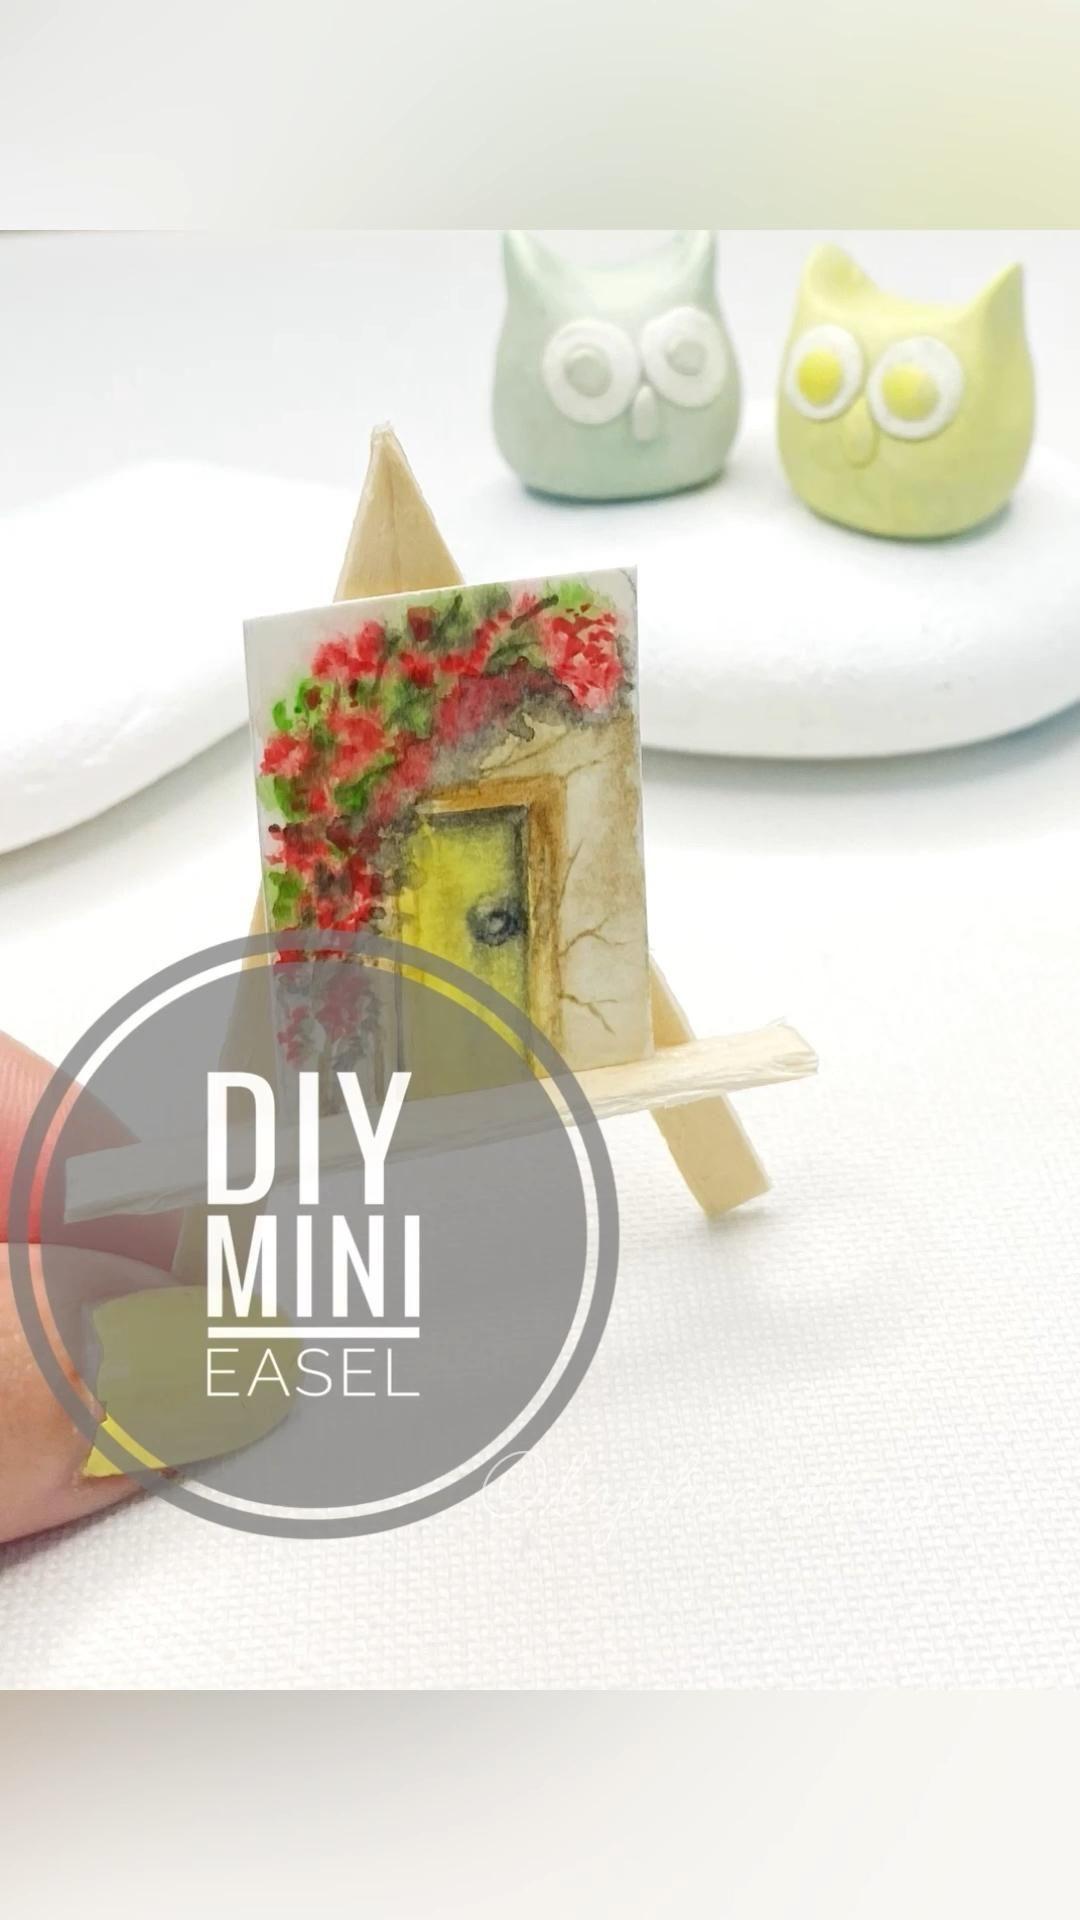 DIY Miniature Artist's Easel